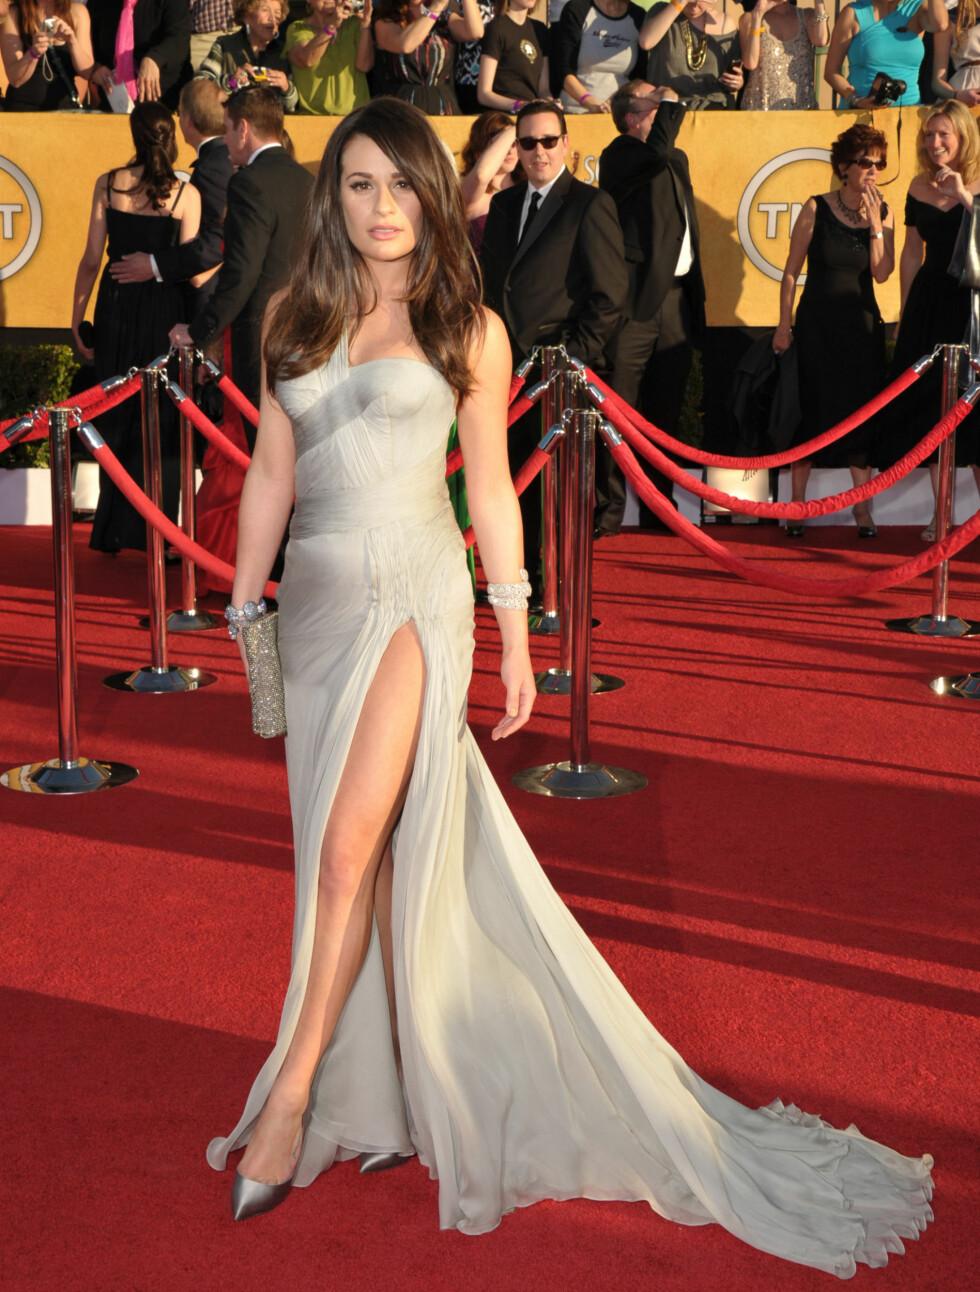 """GRESK GUDINNE: """"Glee""""-stjernen Lea Michele (25) lot sine lange bein komme til syne i denne elegante og sexy kjolen fra Versace. Skoene fra Casadei og clutchen fra Fendi komplimenterer kjolens sølvtoner perfekt.  Foto: All Over Press"""